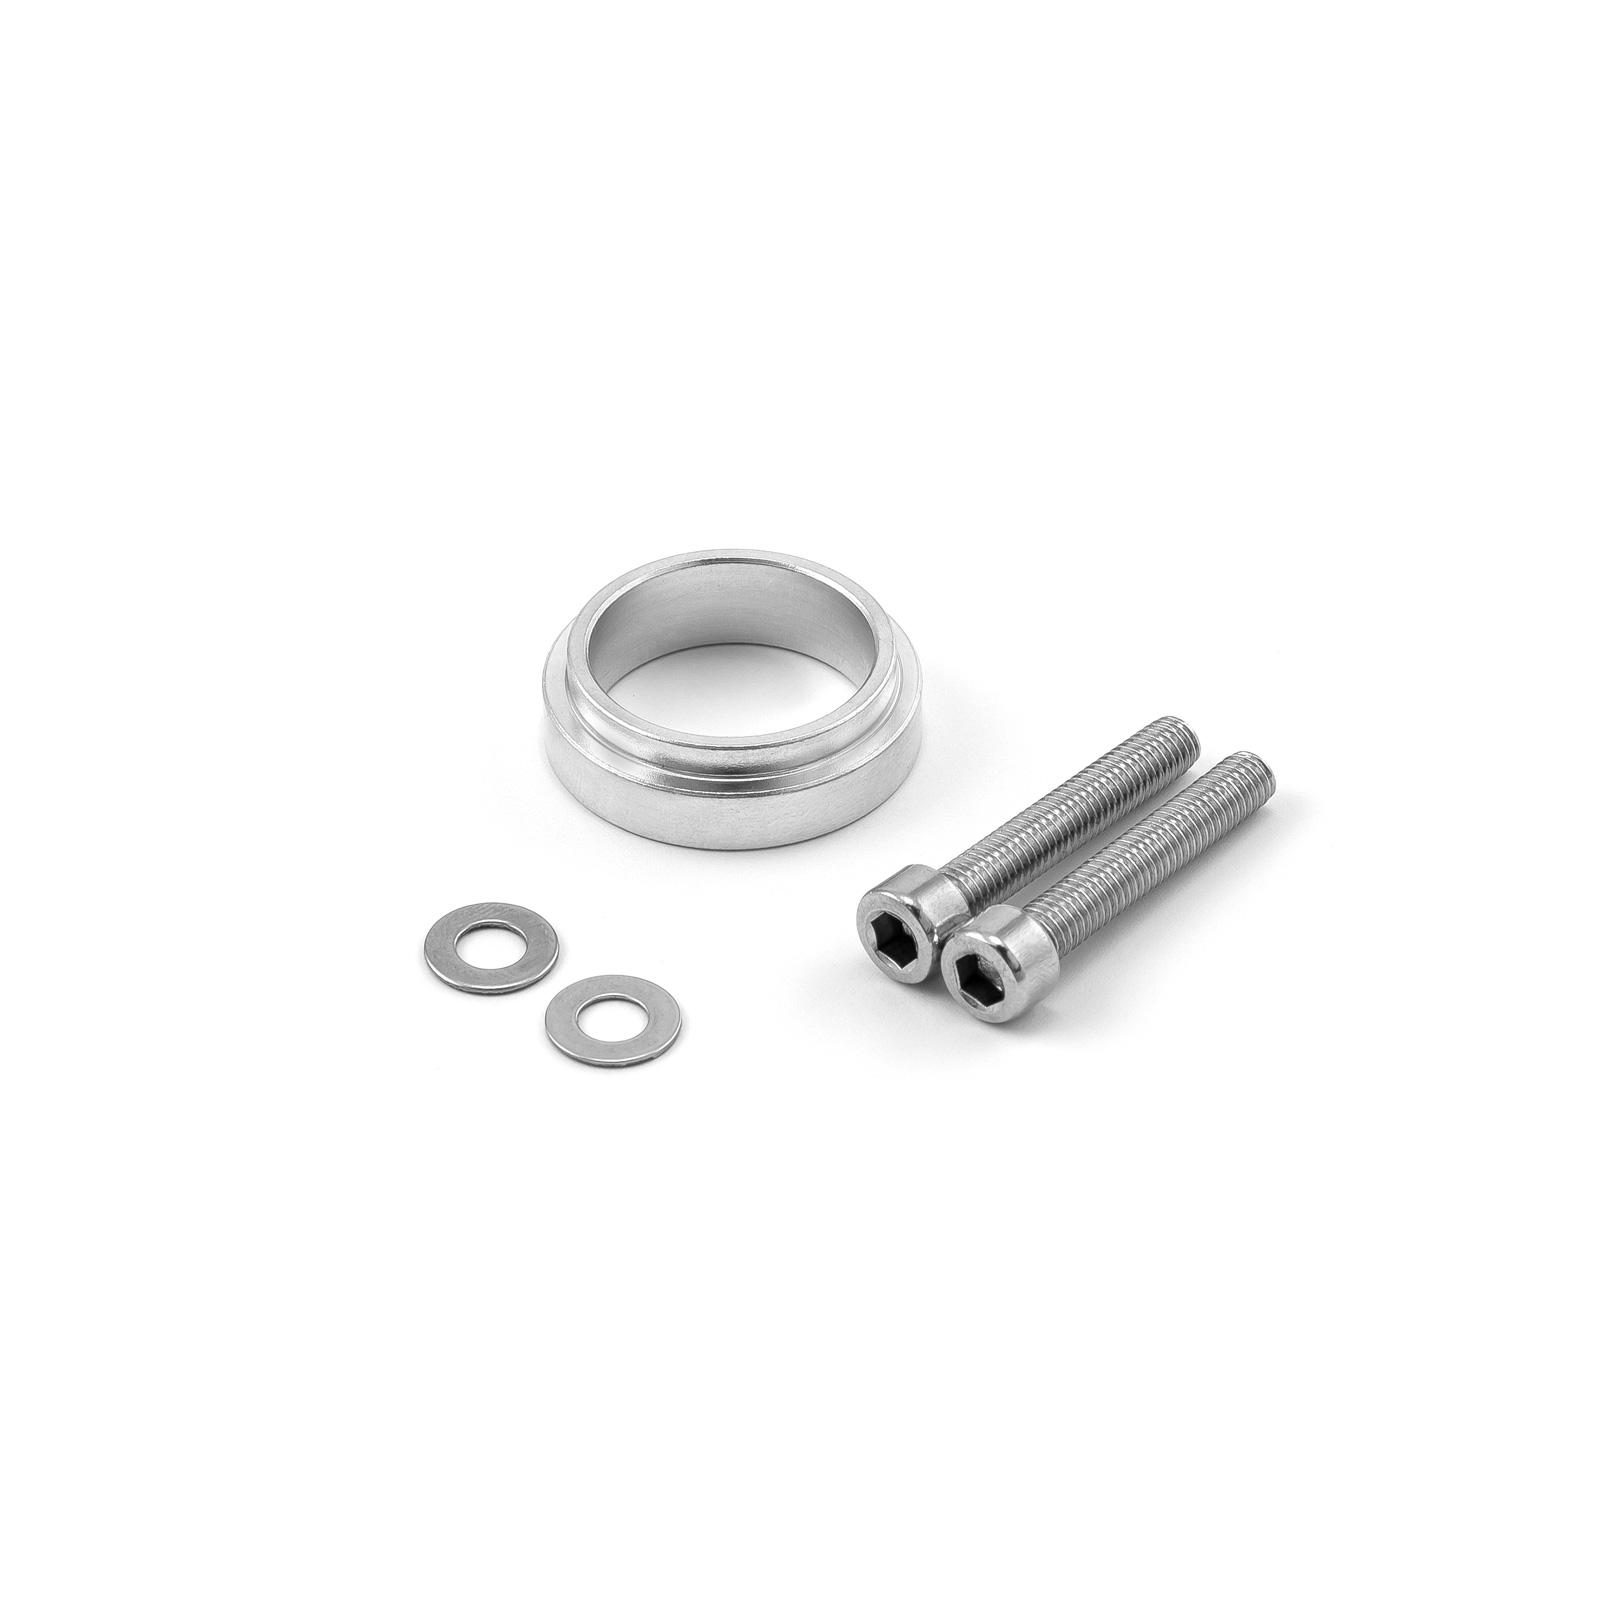 TPS Aluminum Spacer